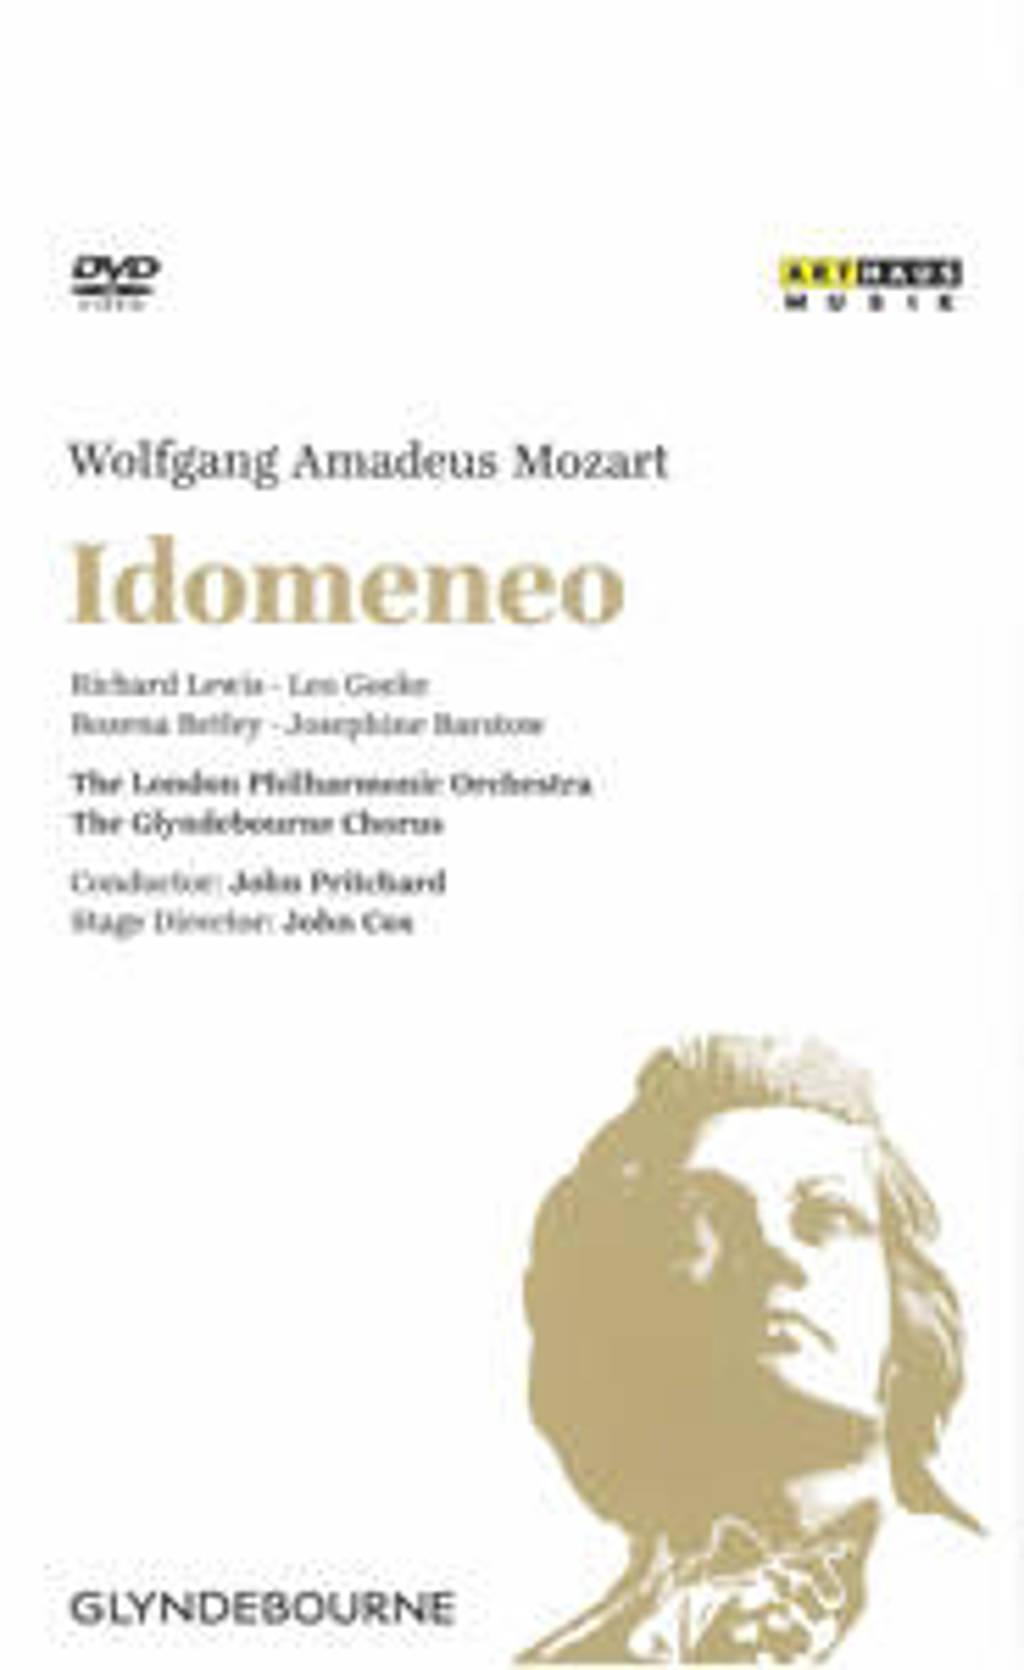 Lewis,Goeke,Betley - Idomeneo, Glyndebourne 1974 (DVD)